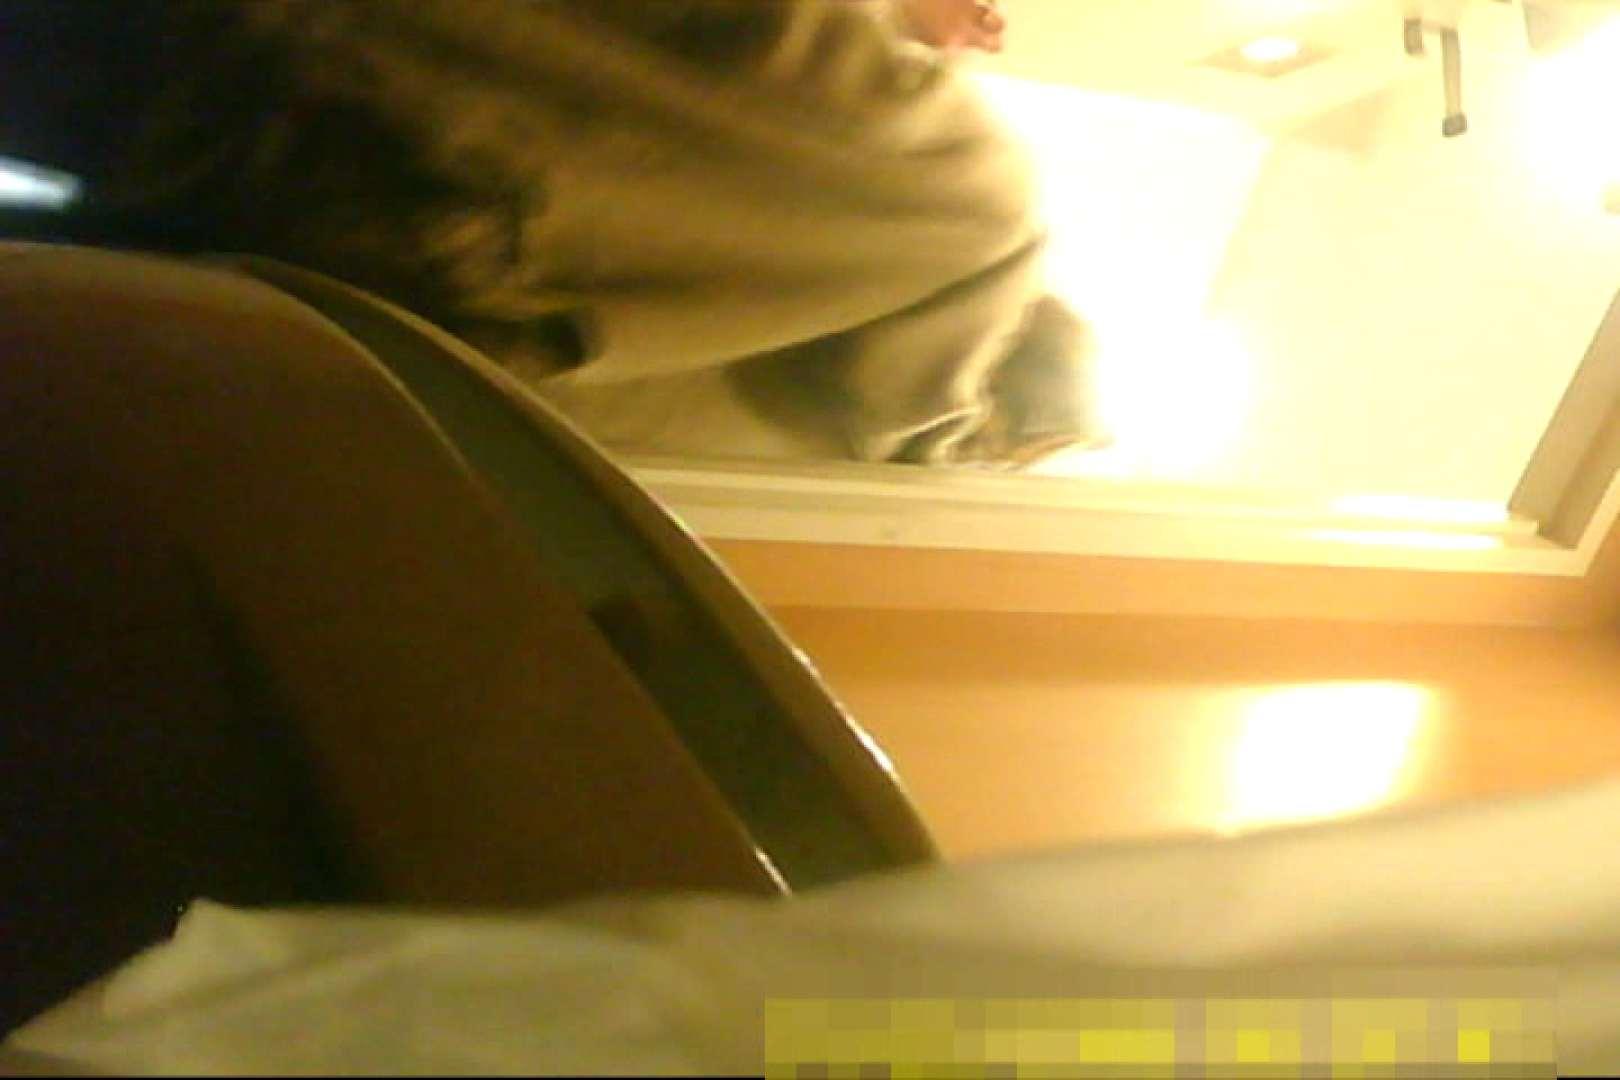 魅惑の化粧室~禁断のプライベート空間~vol.8 熟女丸裸 アダルト動画キャプチャ 91pic 59